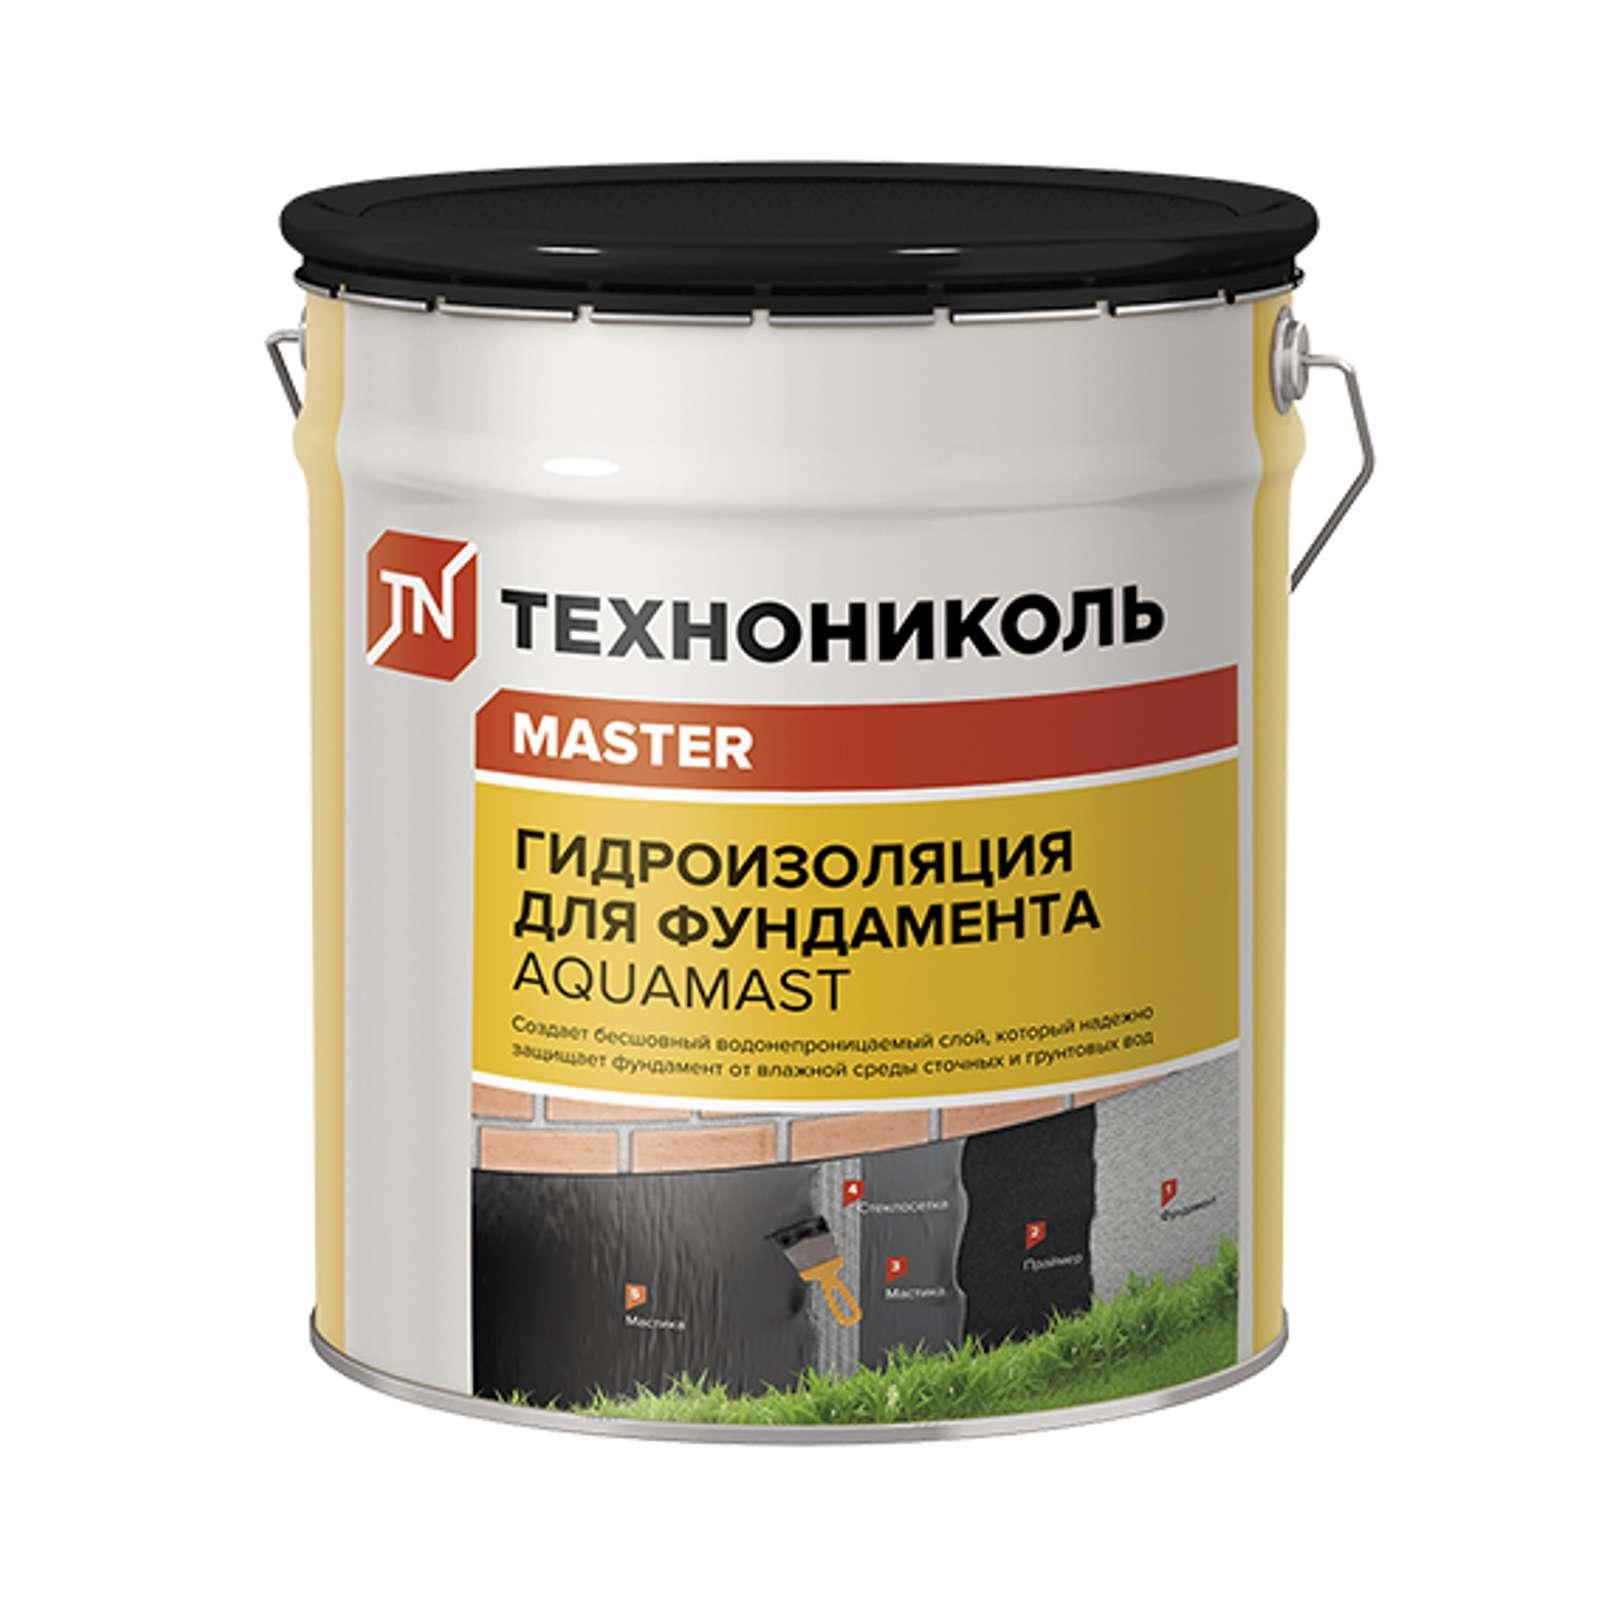 Битумная мастика продажа екатеринбург водная раскраска арт.31916 домашние животные